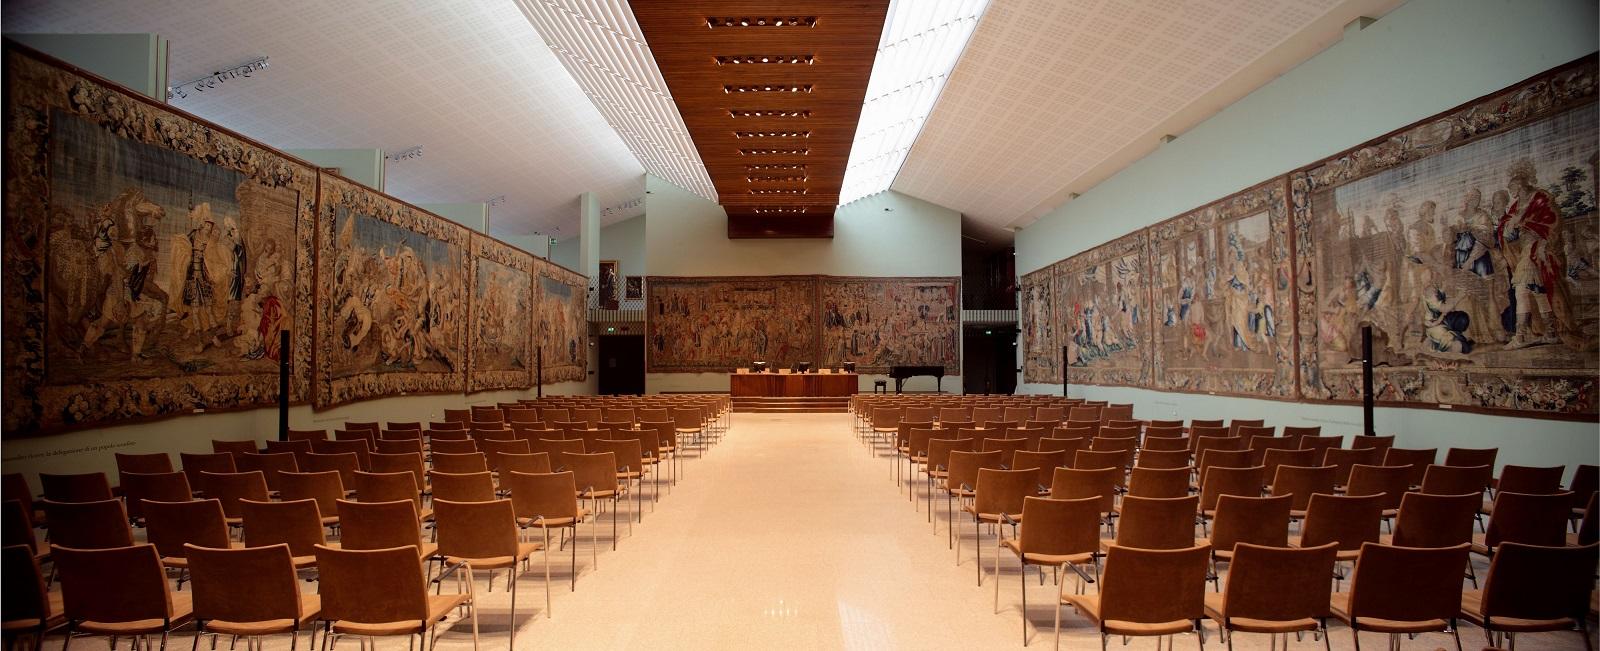 Collegio Alberoni - La sala degli arazzi (1)